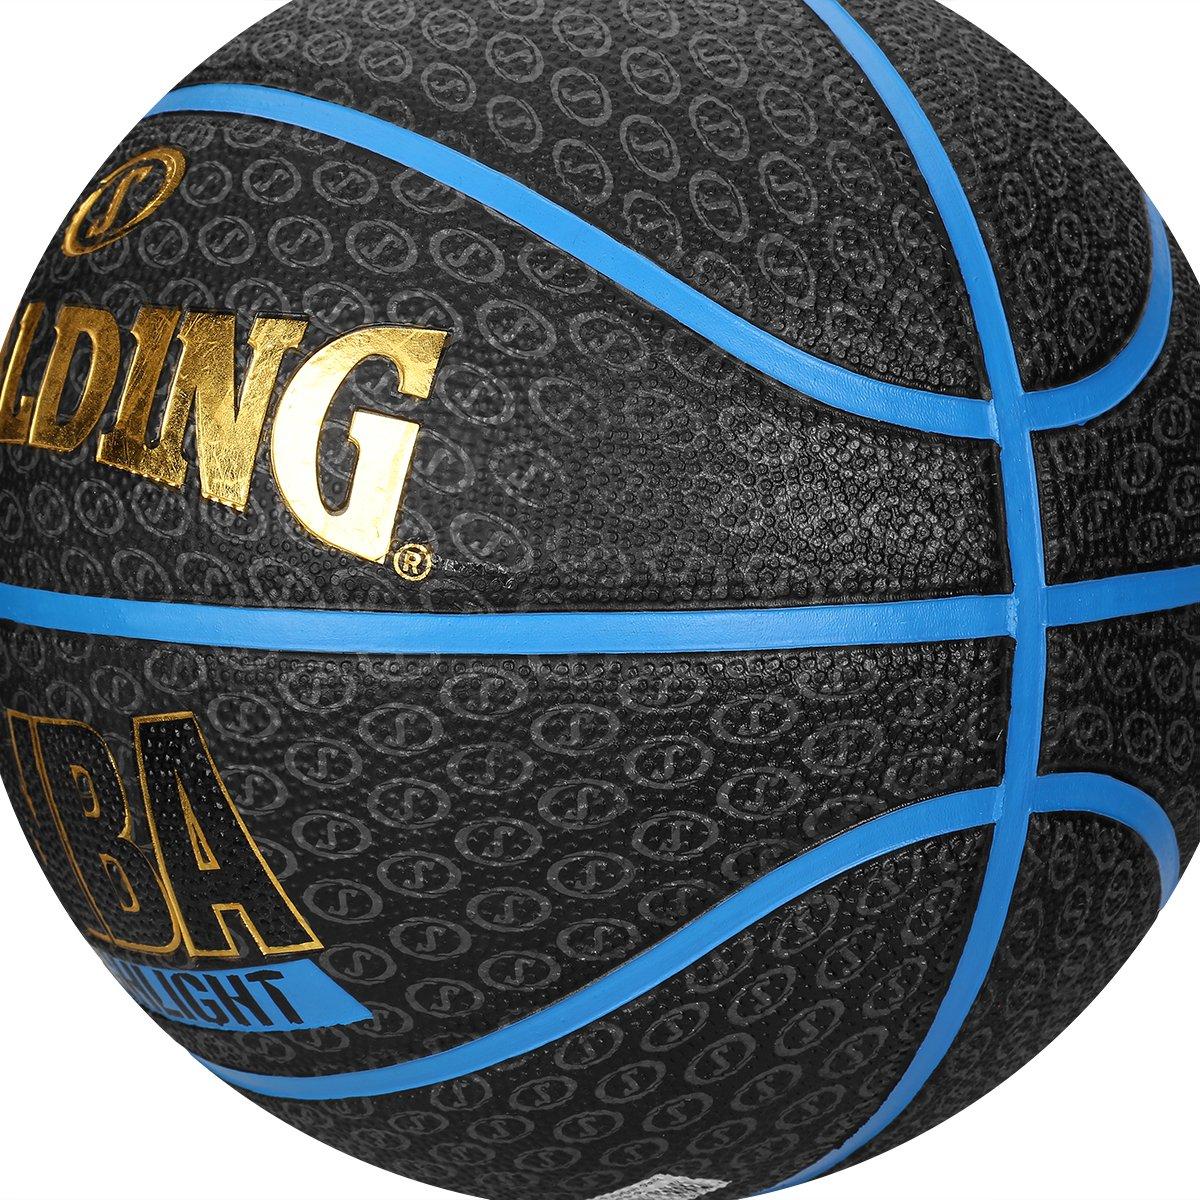 bola basquete spalding highlight compre agora netshoes